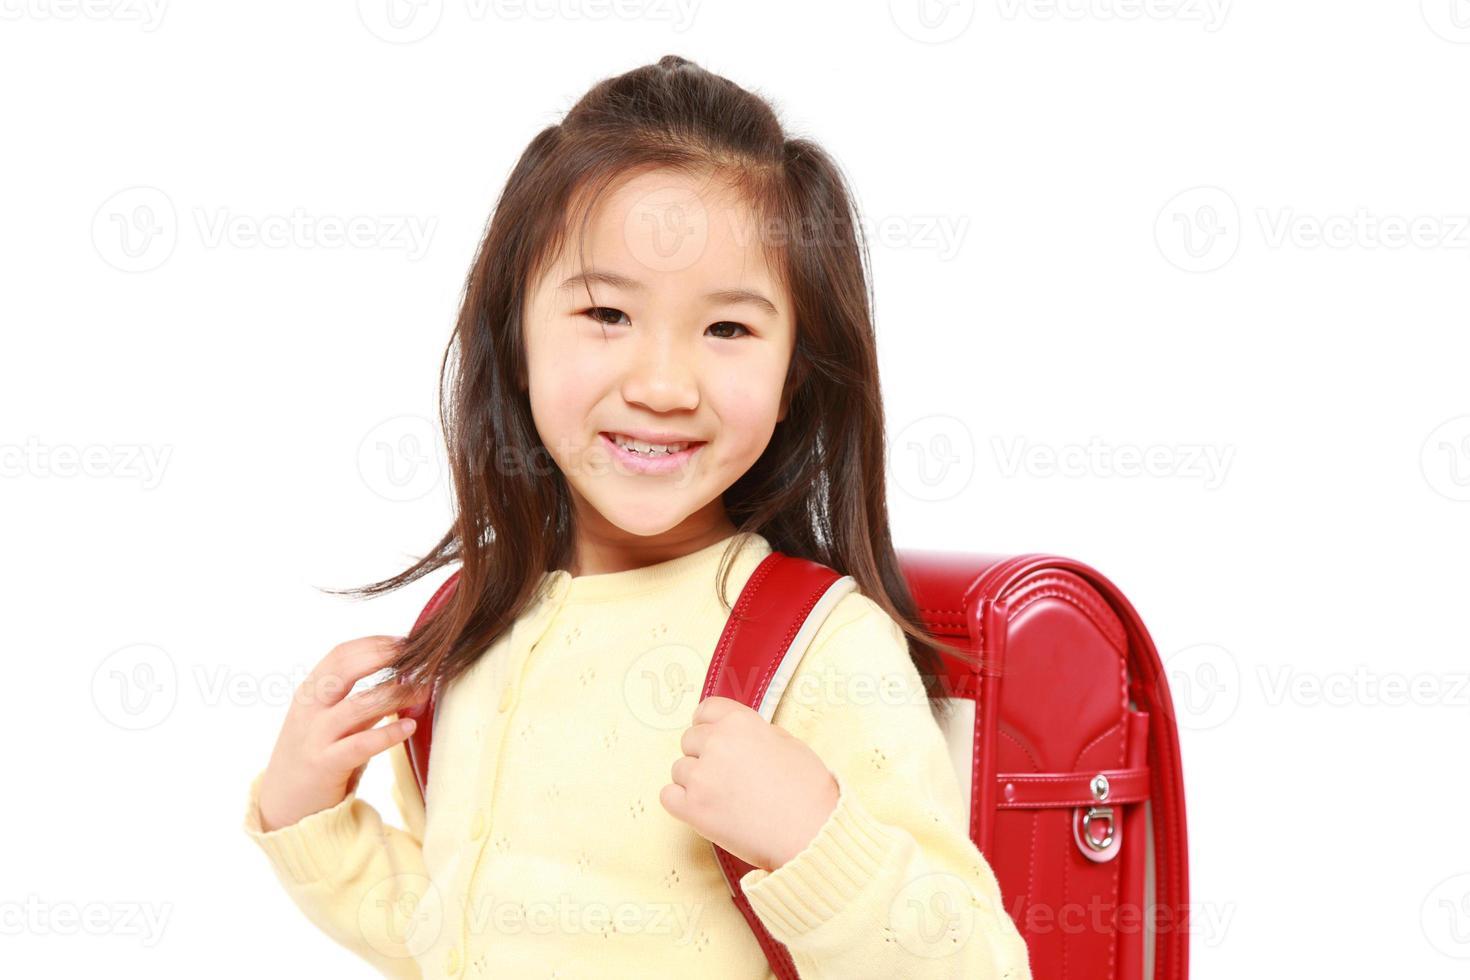 écolière japonaise avec des cartables rouges sourit photo